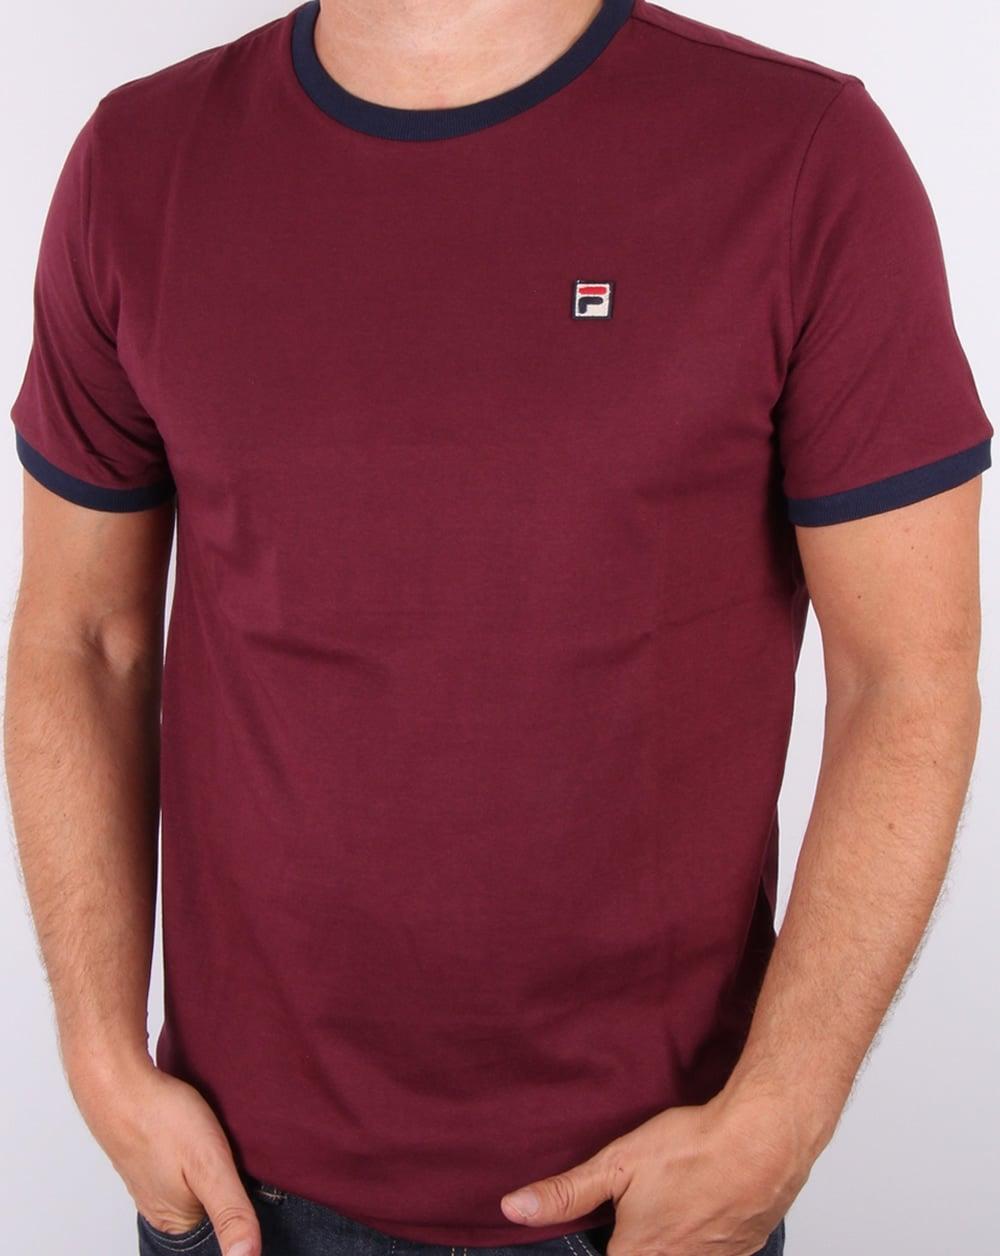 9664fb334d93 Fila Vintage Fila Vintage Marconi T-shirt Burgundy